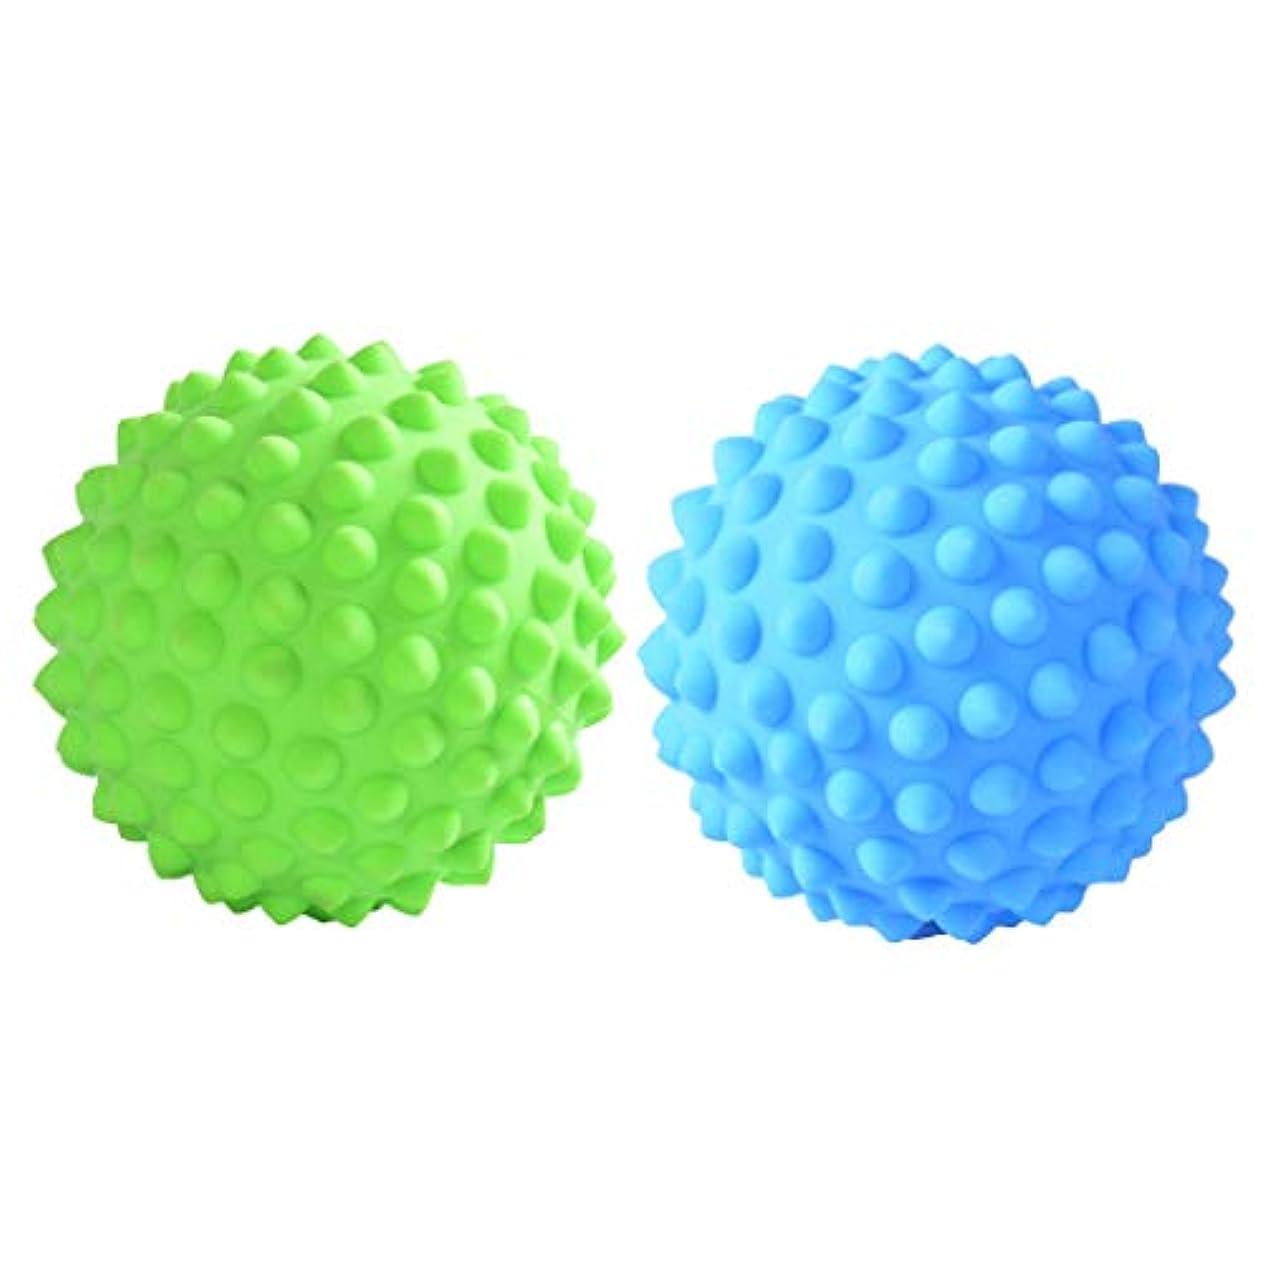 吹雪転用あなたのものchiwanji マッサージローラーボール 指圧ボール トリガーポイント 疲れ解消ボール ヨガ 疲労軽減 2個入